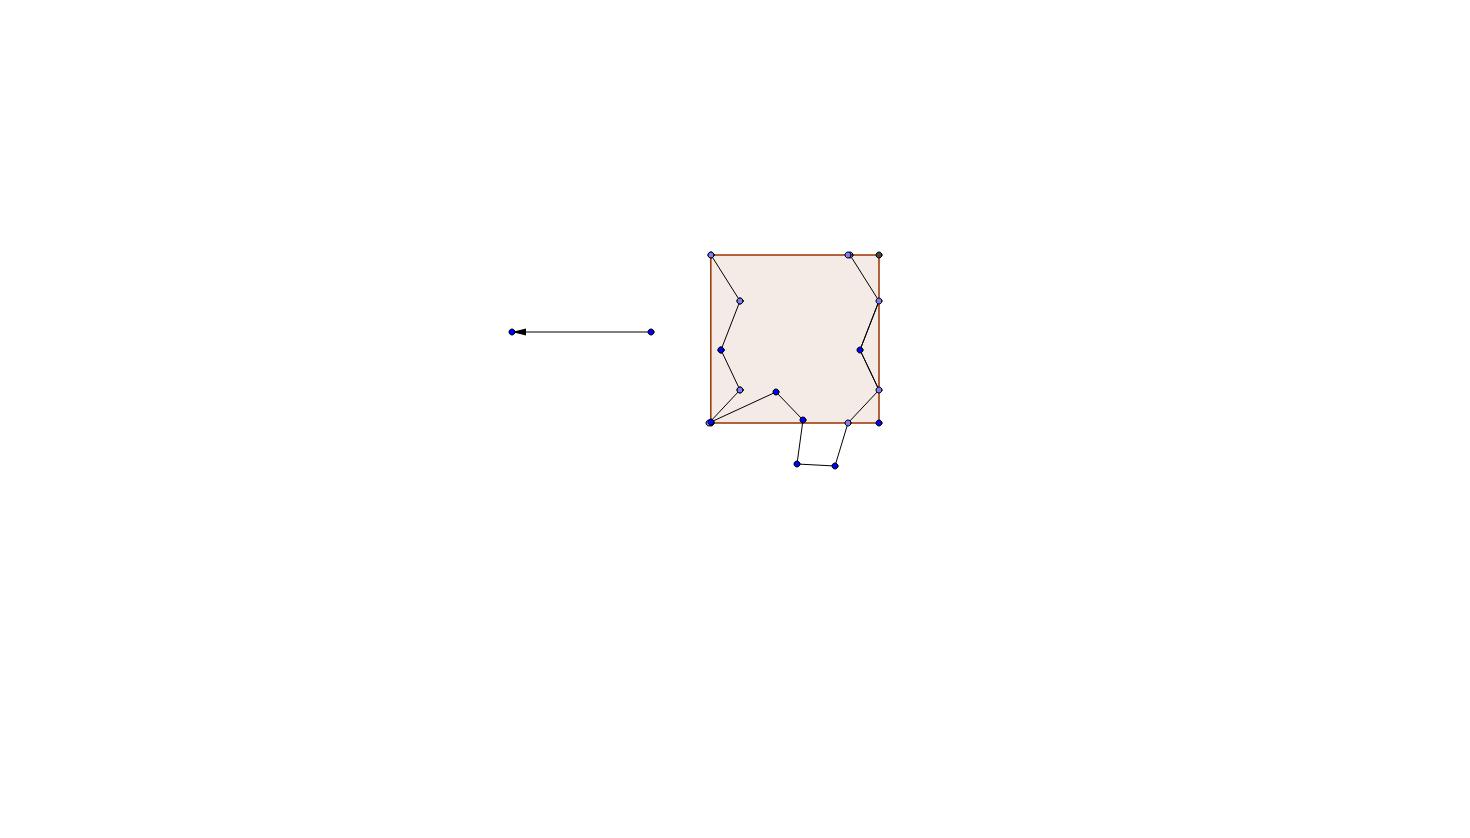 Tessellation Step 3: Create bottom side